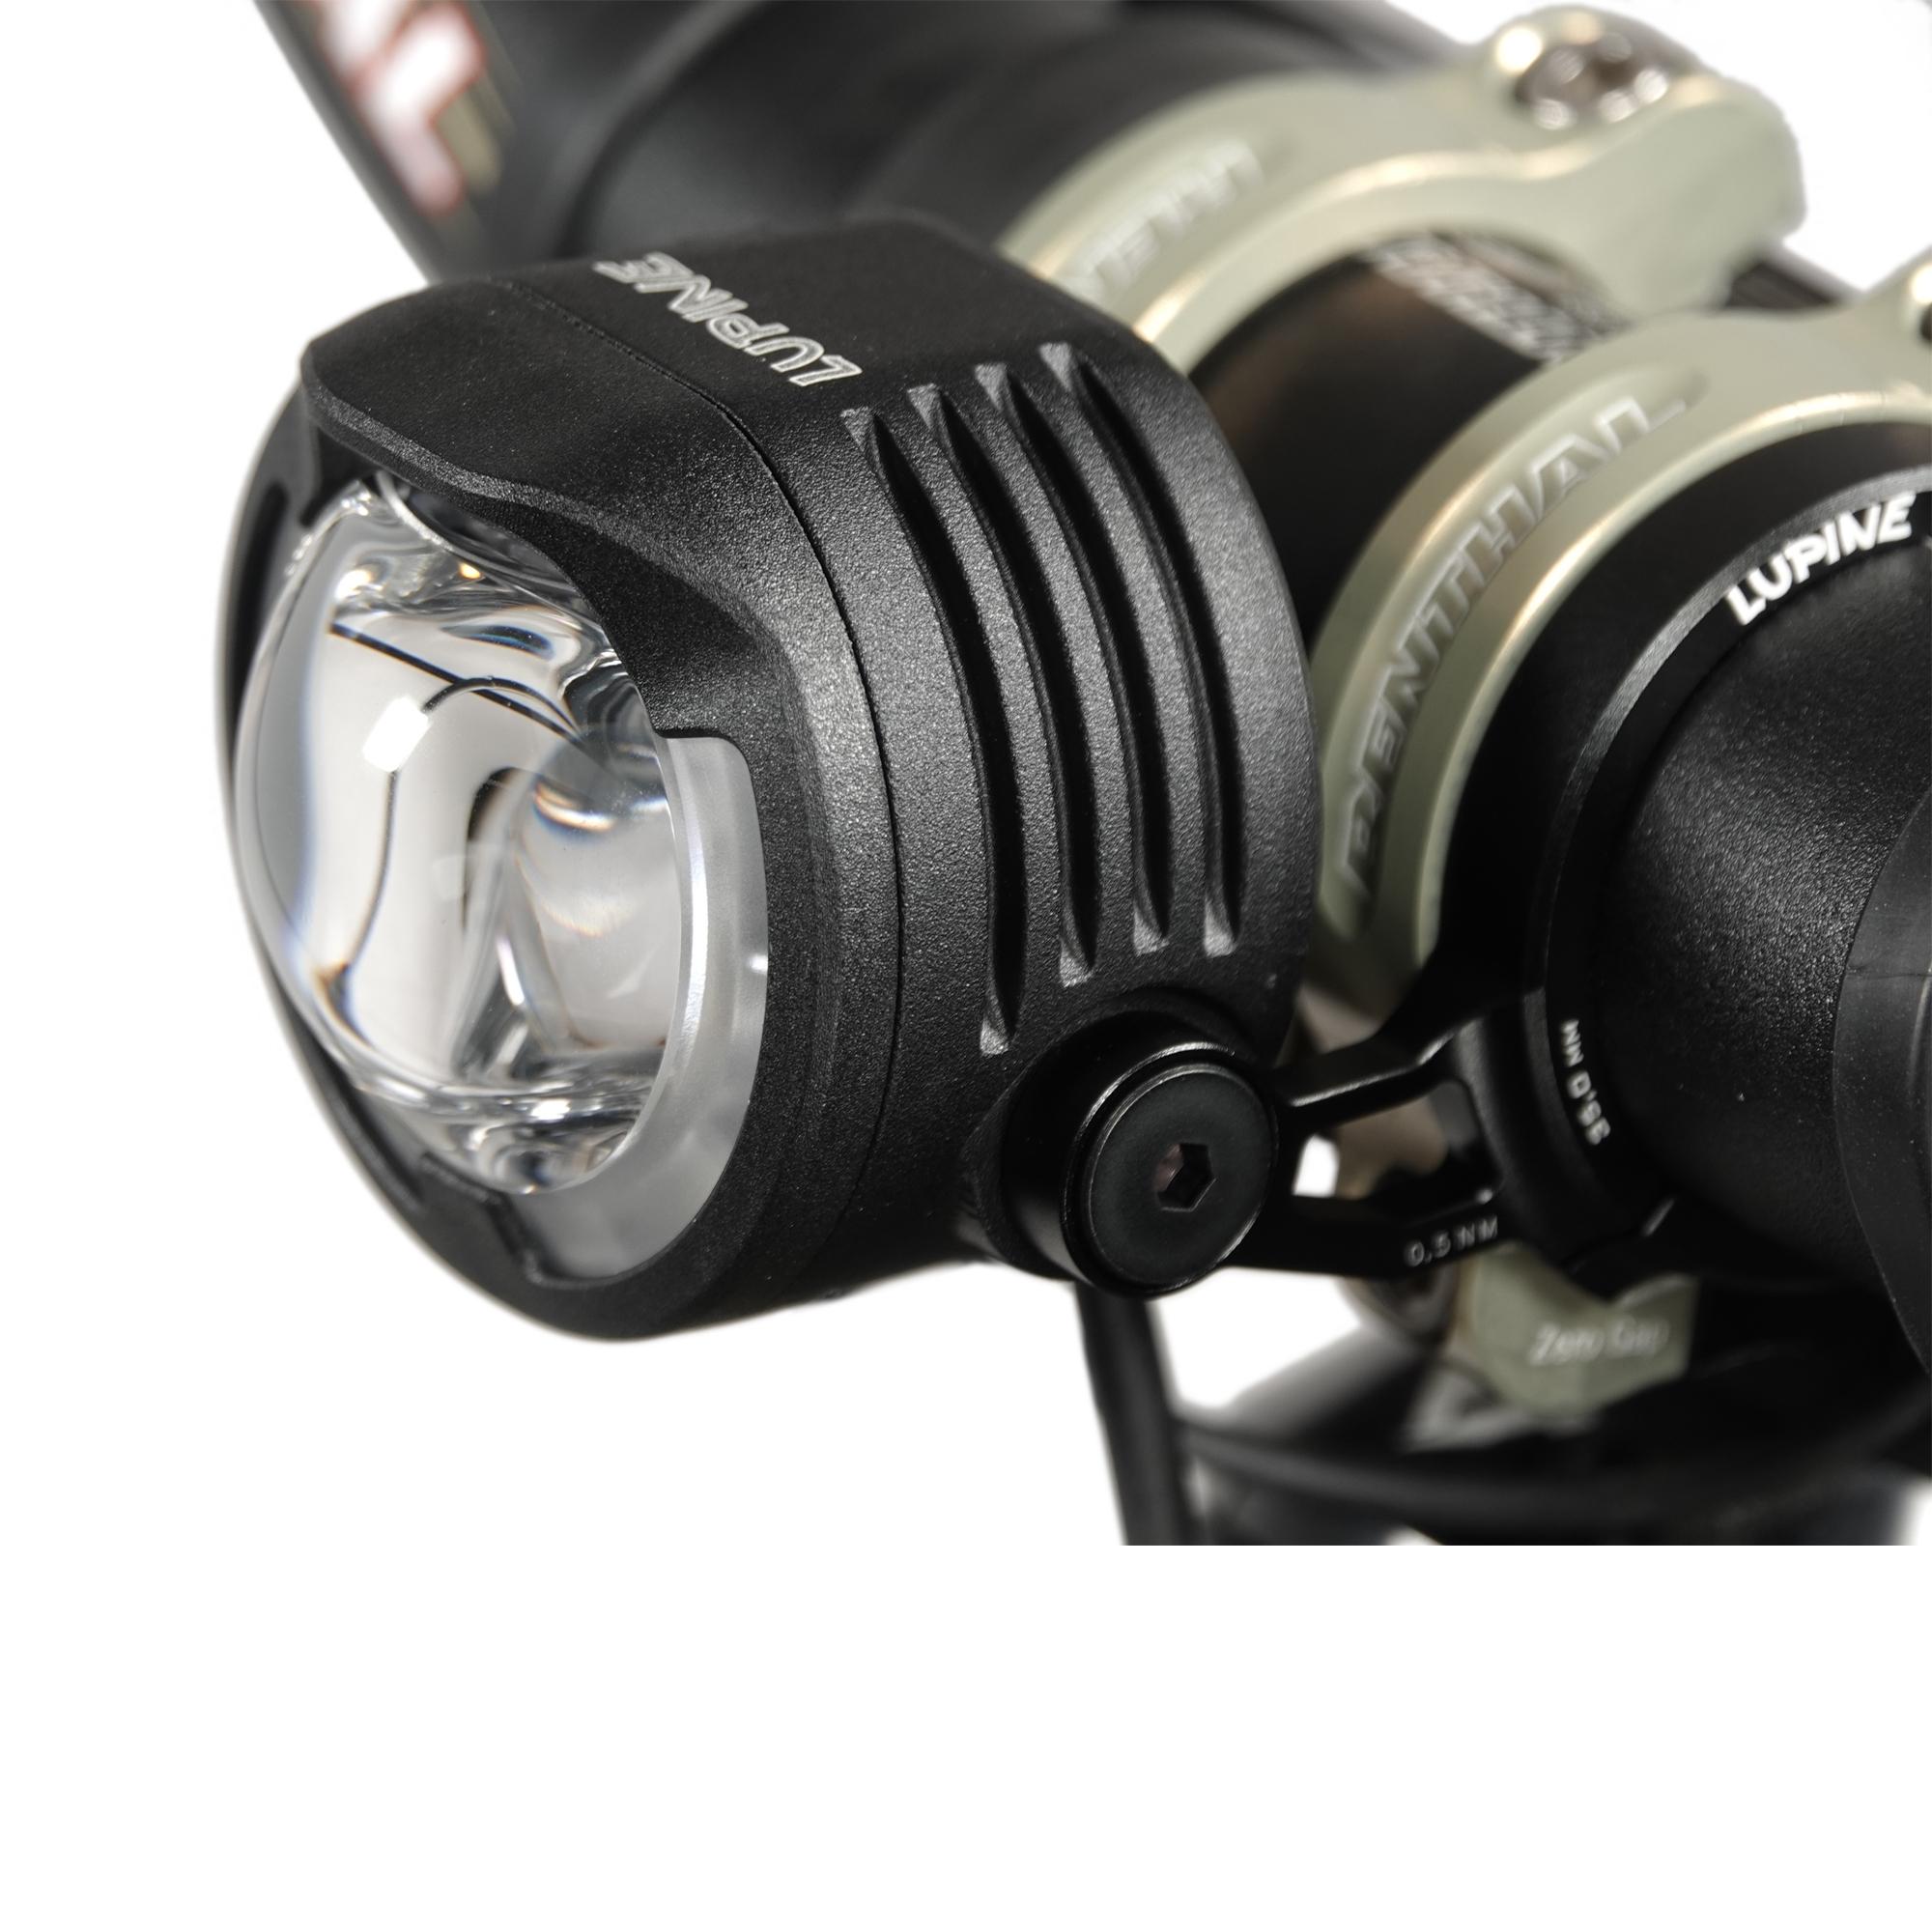 Lupine SL SF Brose mit einmarmiger Alu-Halterung 31.8mm